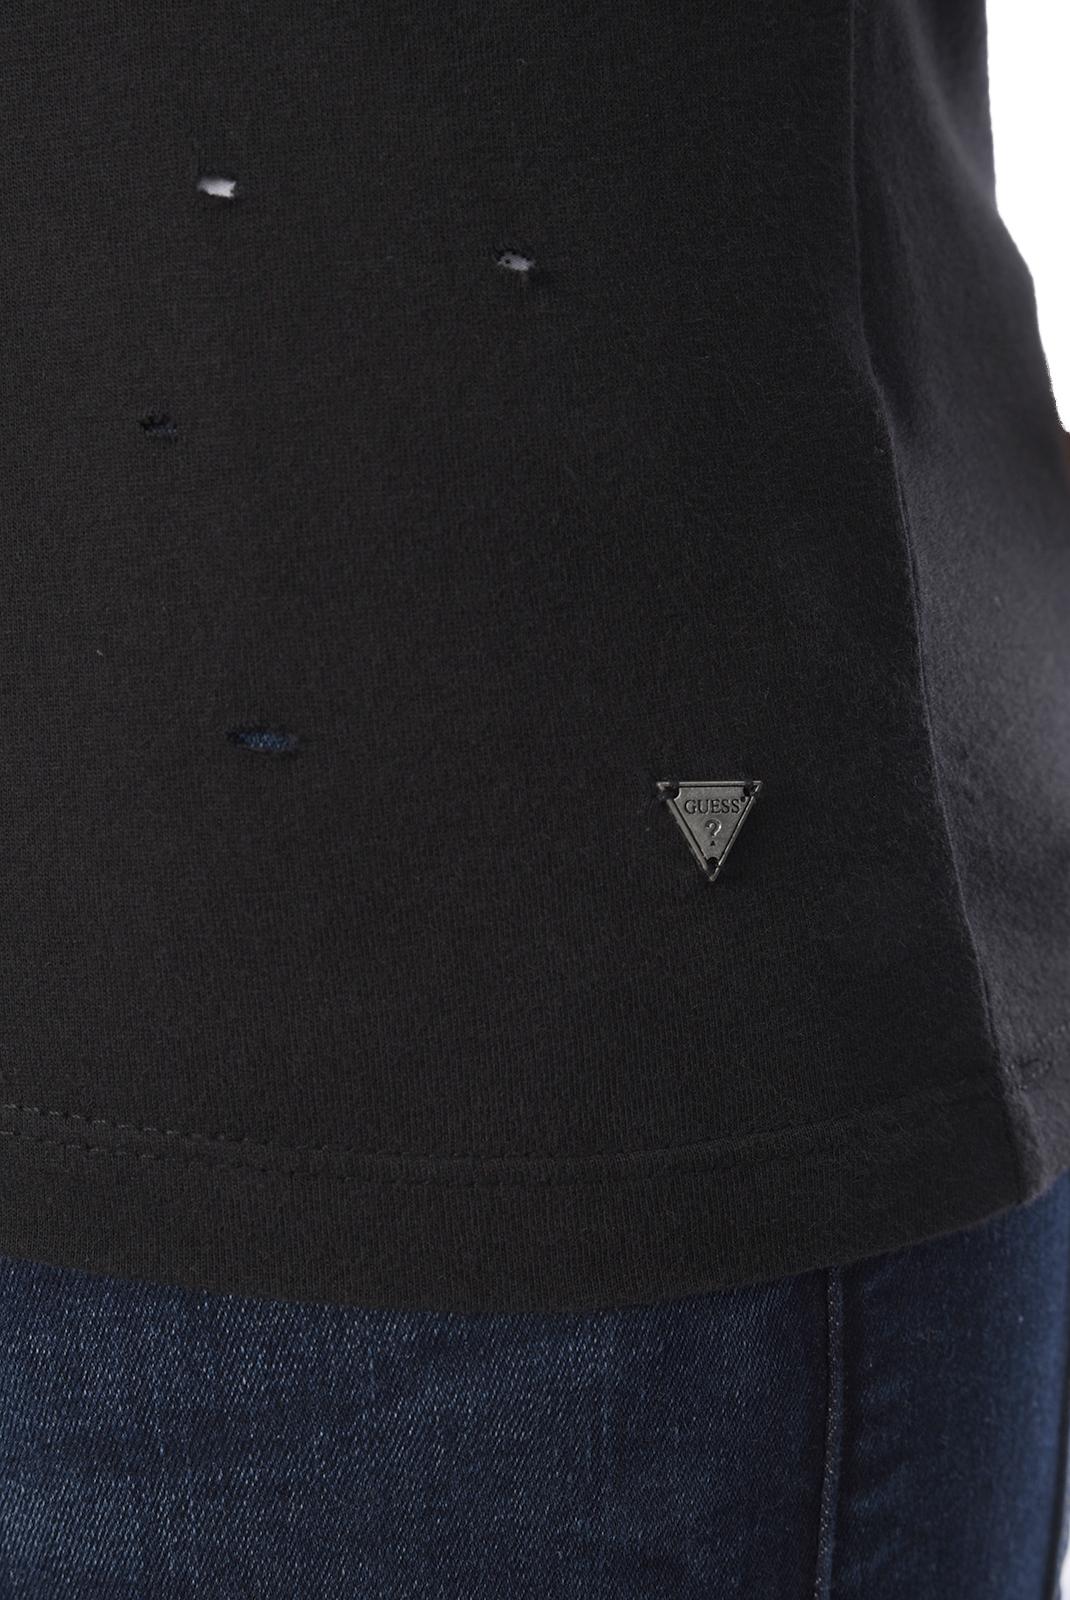 T-S manches courtes  Guess jeans M73P43 I3Z00 A996 NOIR